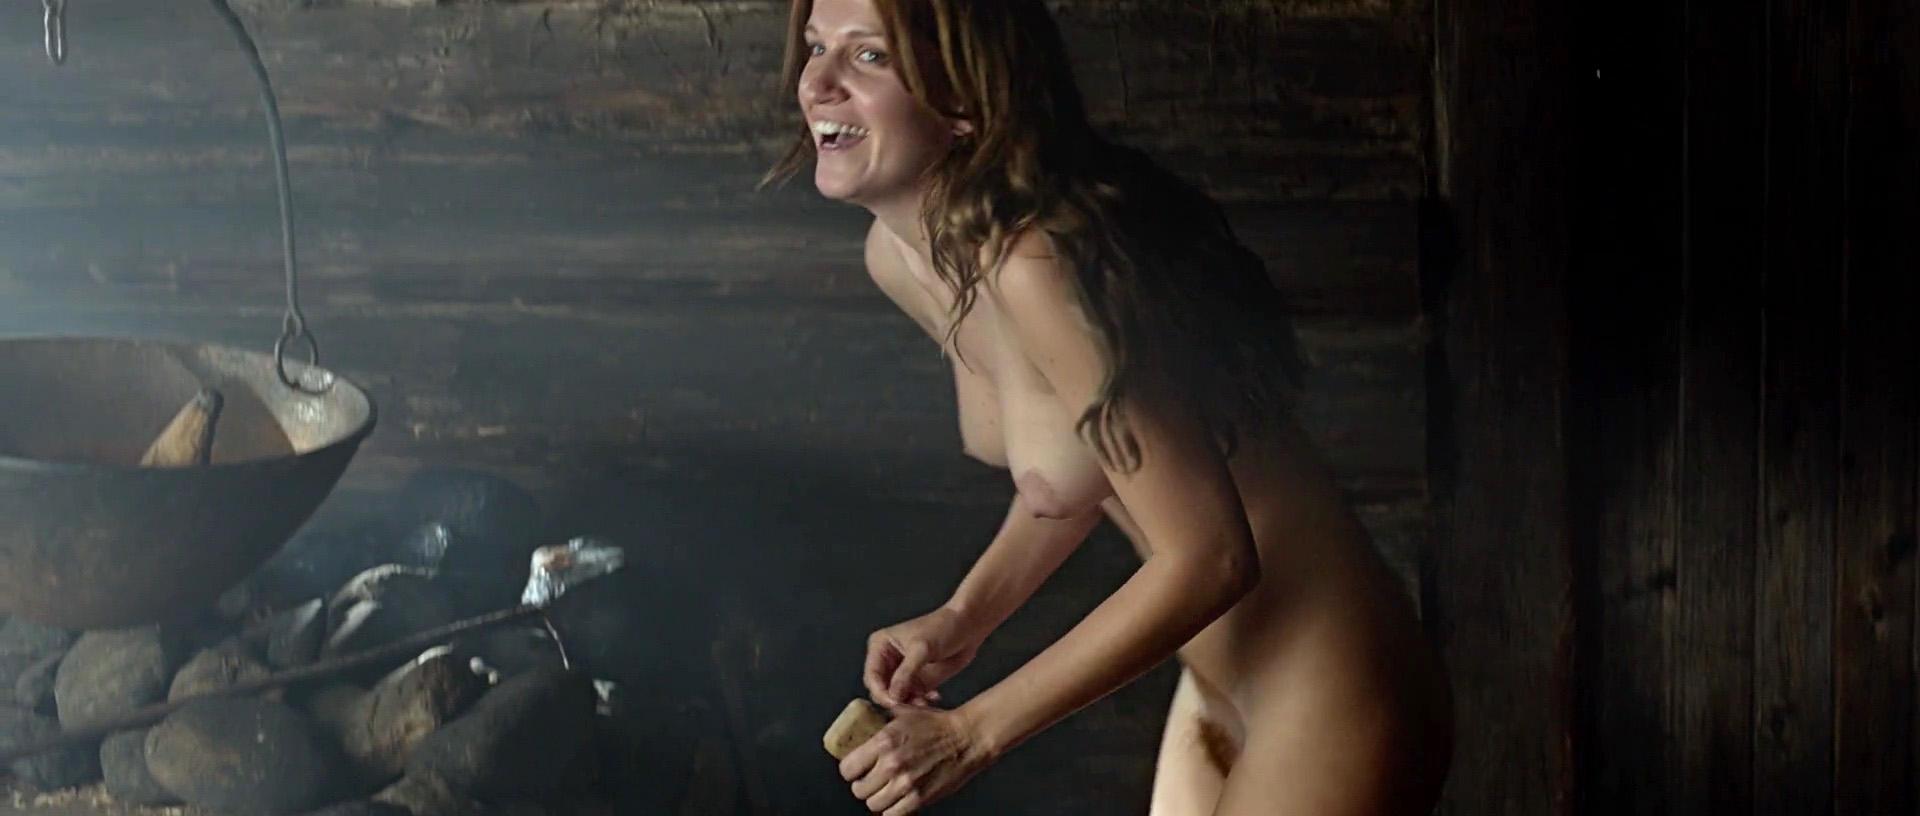 ещё что-нибудь голые актрисы из фильма подружки